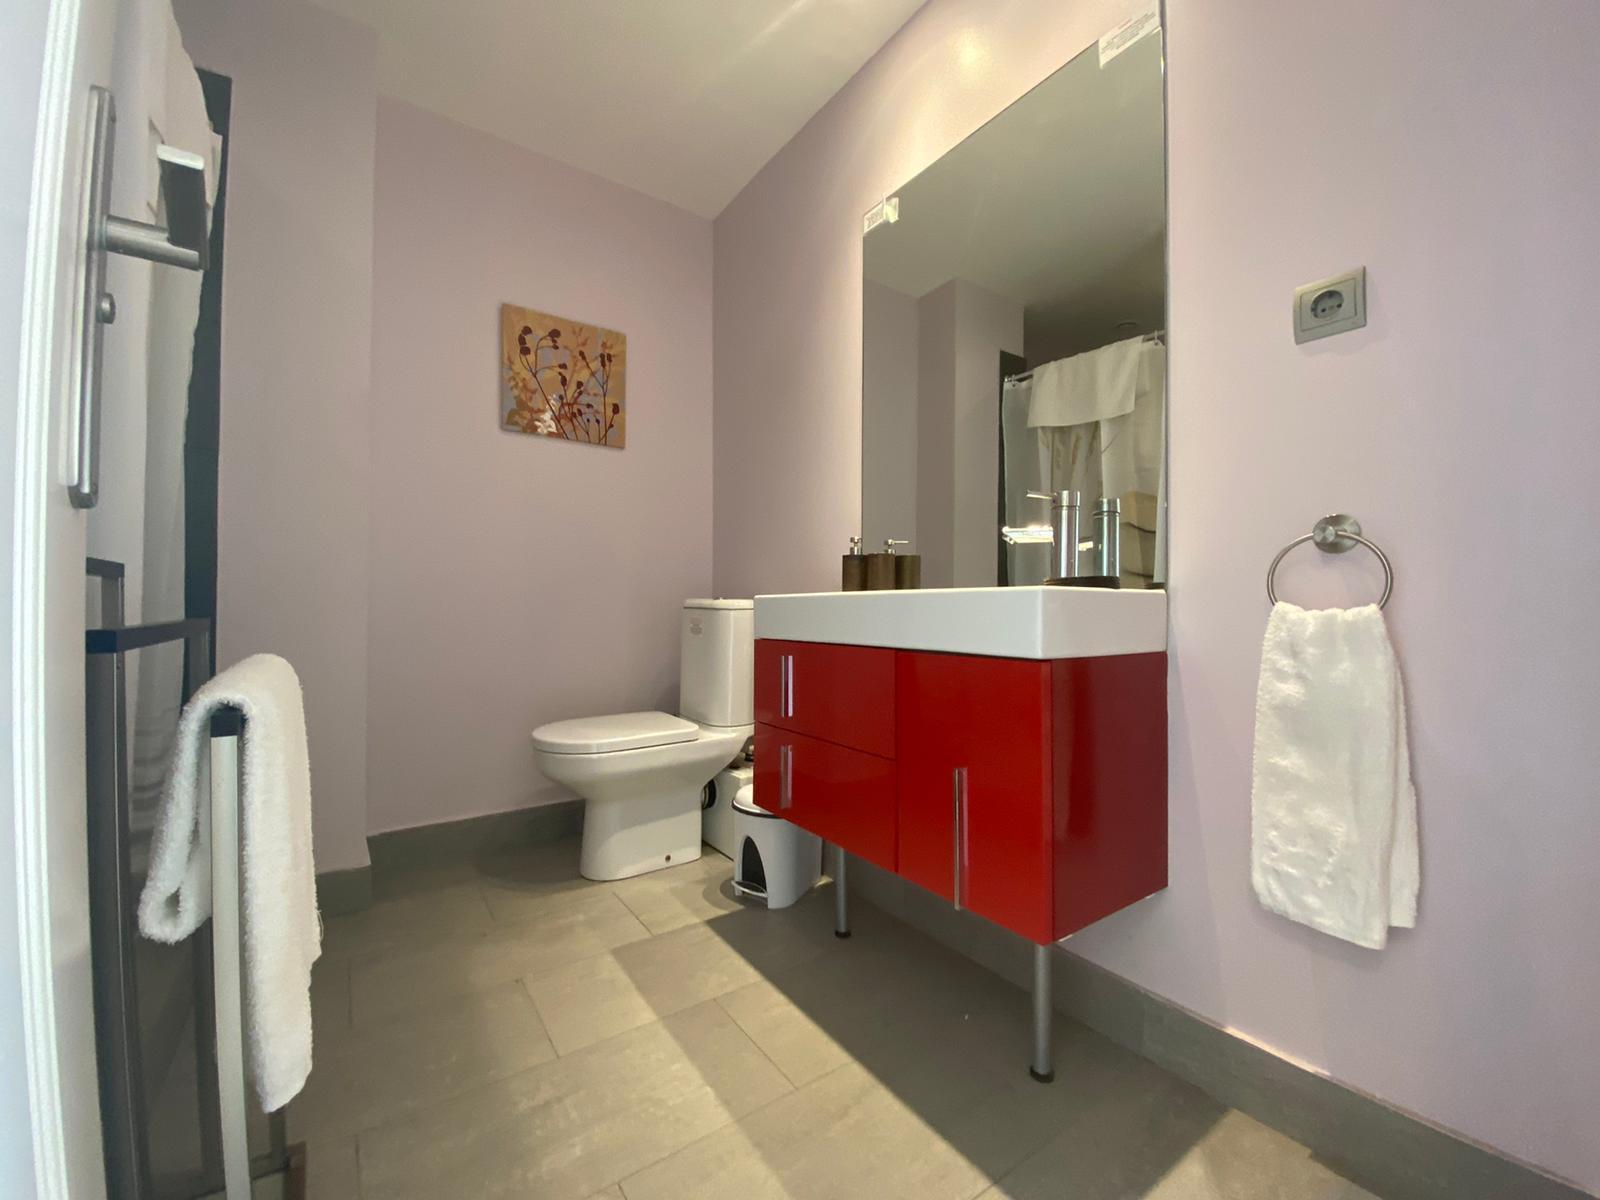 Imagen 36 del Apartamento Turístico, Ático 1 Levante (3d+2b), Punta del Moral (HUELVA), Paseo de la Cruz nº22